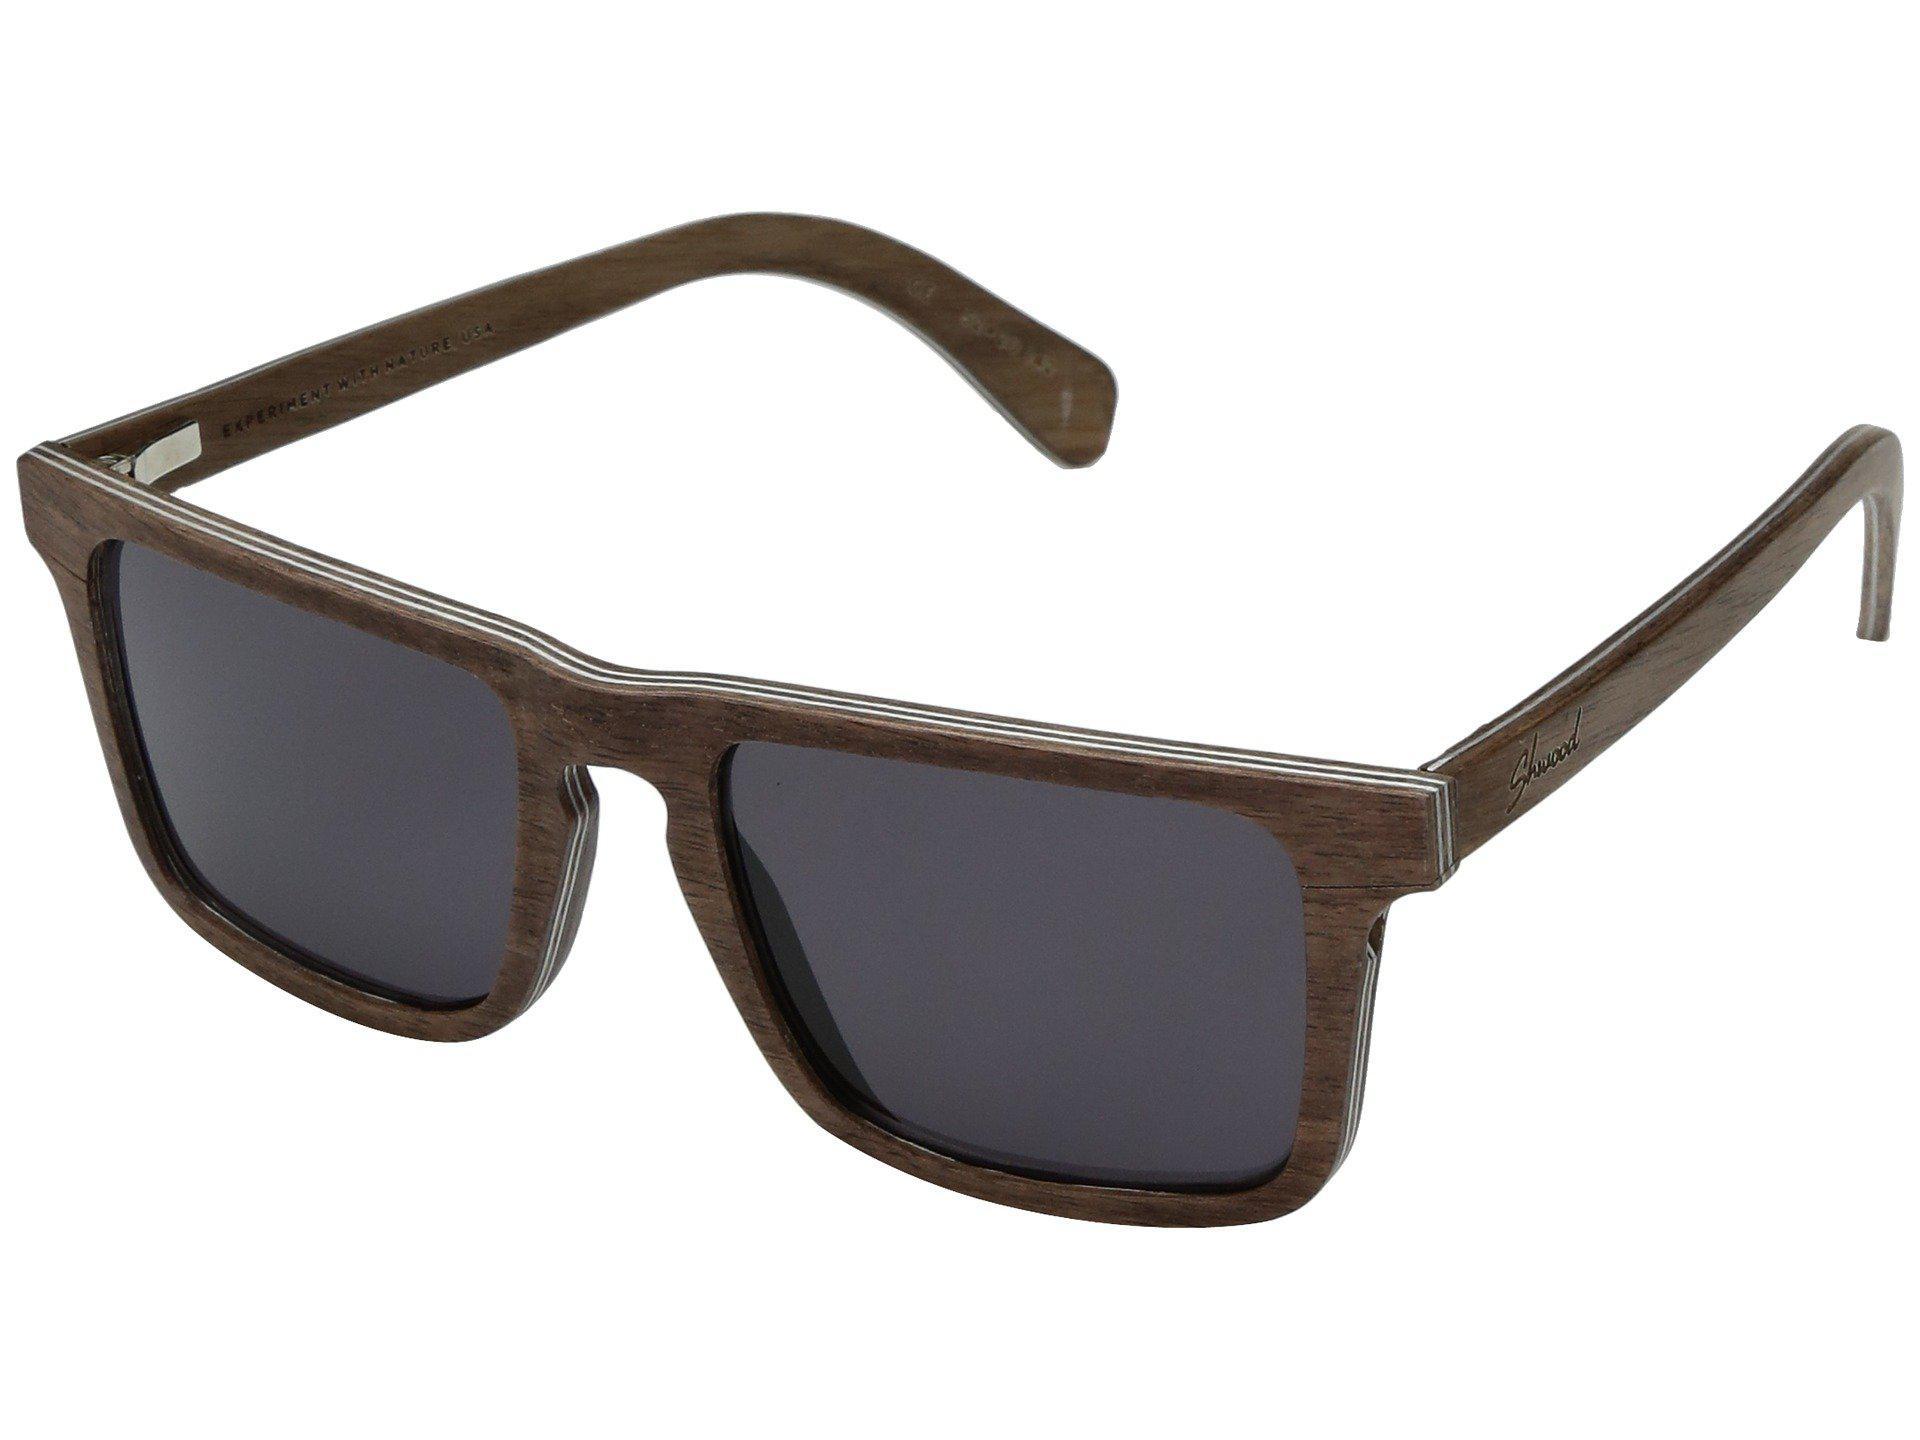 4bd0d24cc5 Lyst - Shwood Govy 2 Wood Sunglasses (walnut grey) Athletic ...